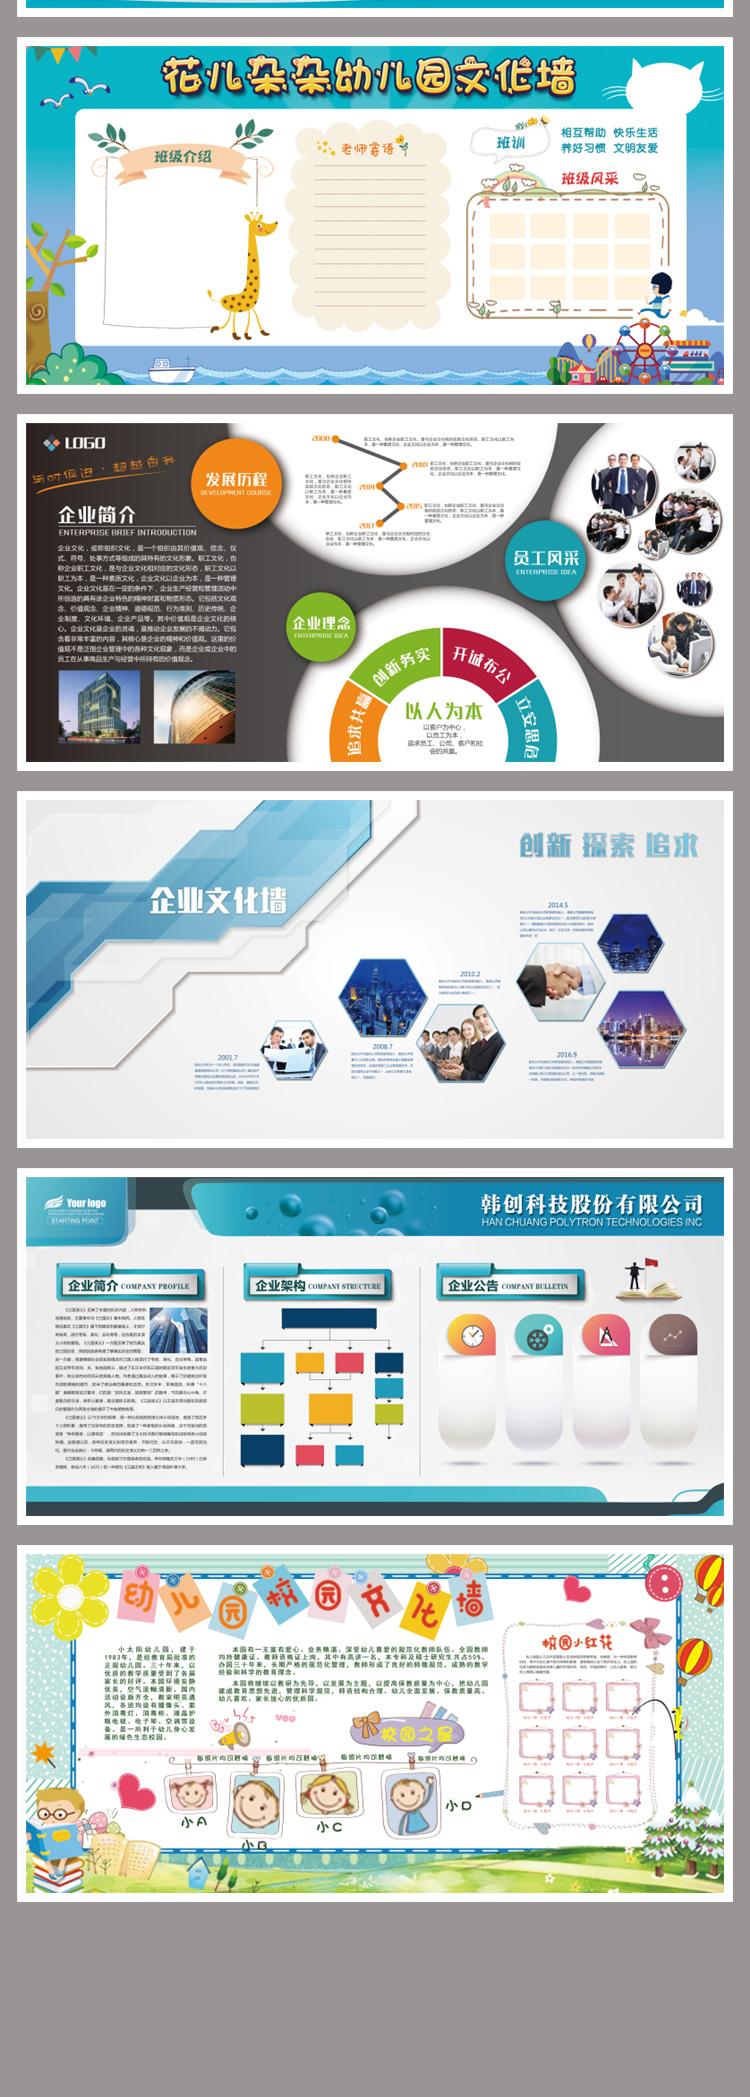 220款企业文化墙(图77)